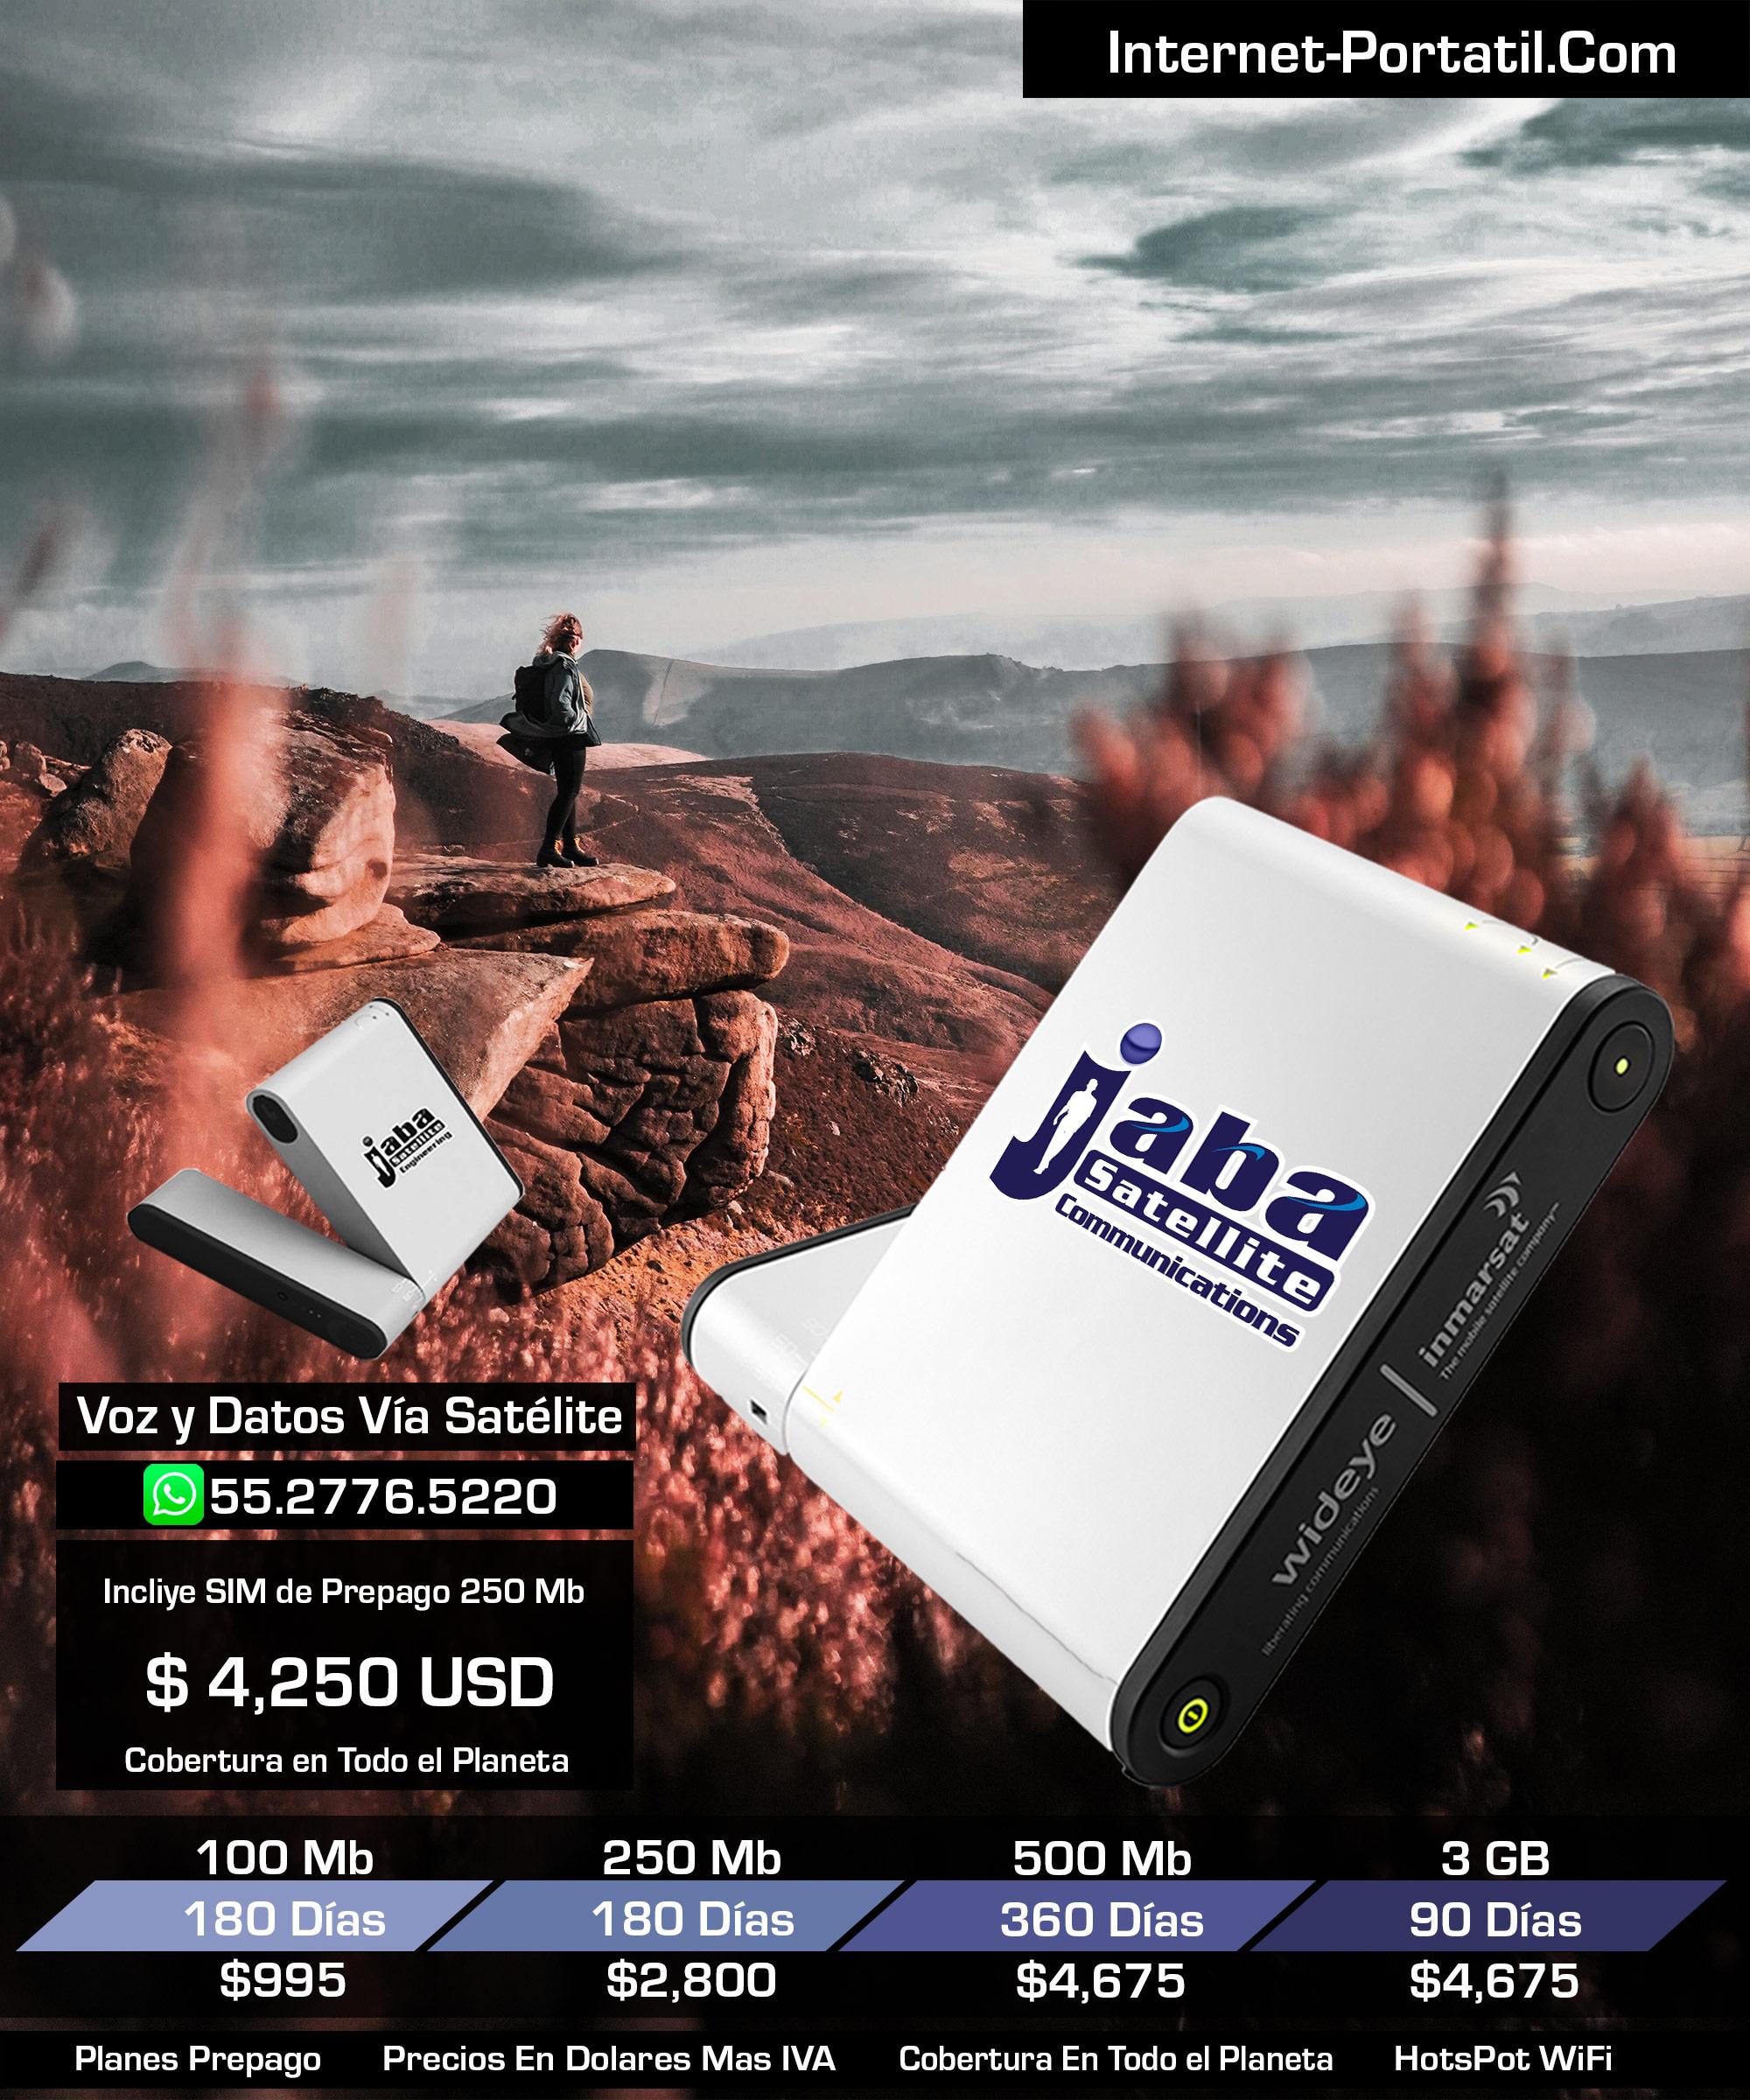 JabaSat HotsPot WiFi Portátil Mexico iSatHub